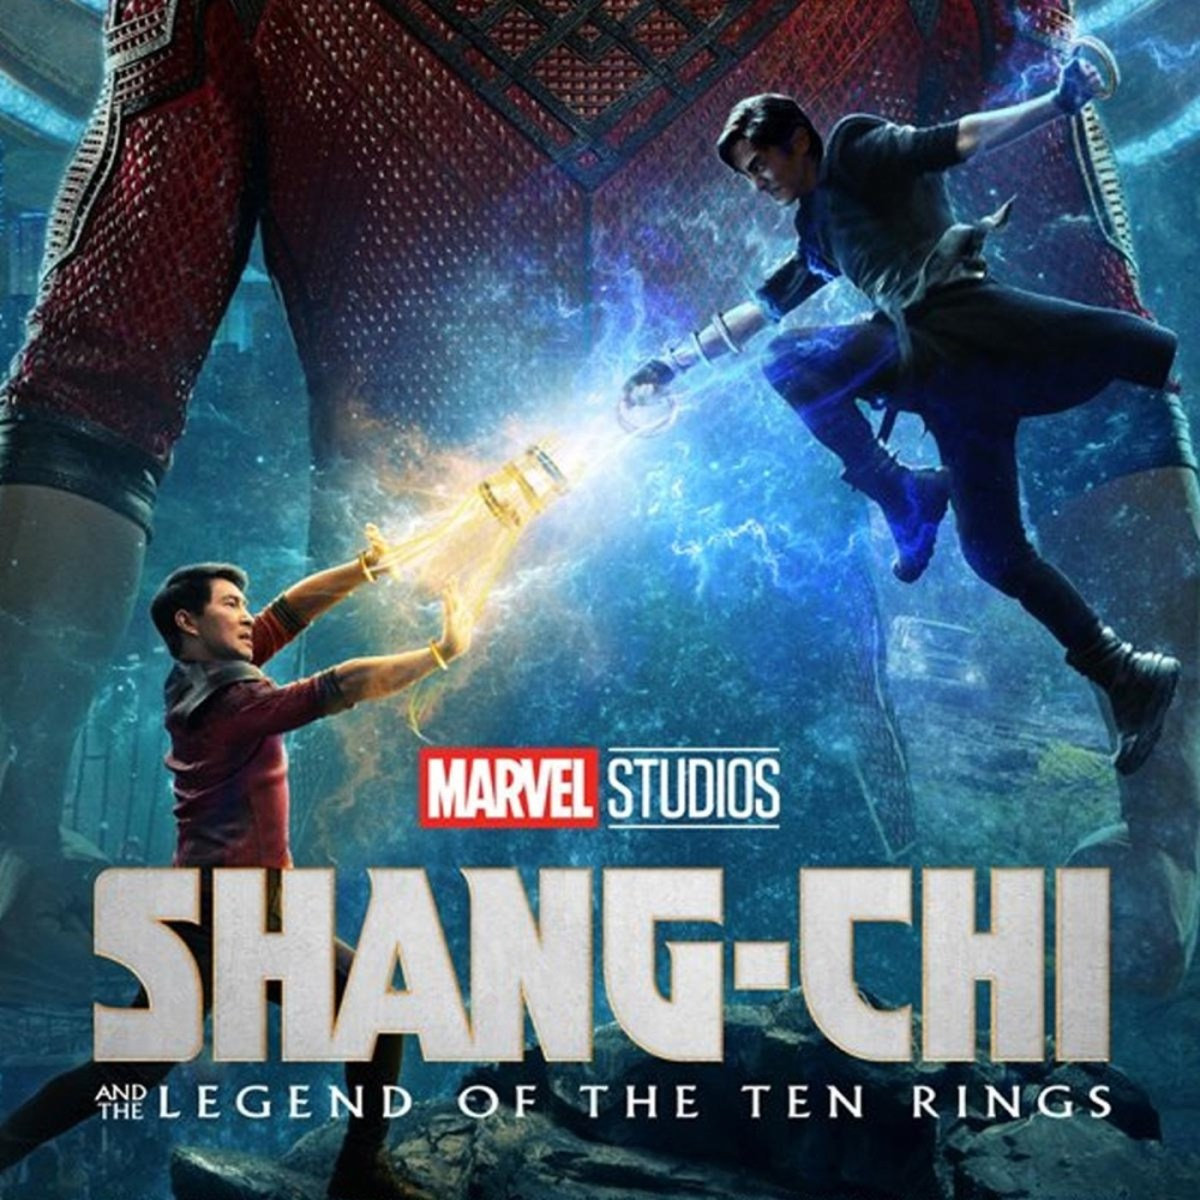 La Casa de EL 179 – Shang-Chi, Pulp, Moby Dick, Nuevo sabor a cereza, Biotopía, Sabio idiota, Joy ride